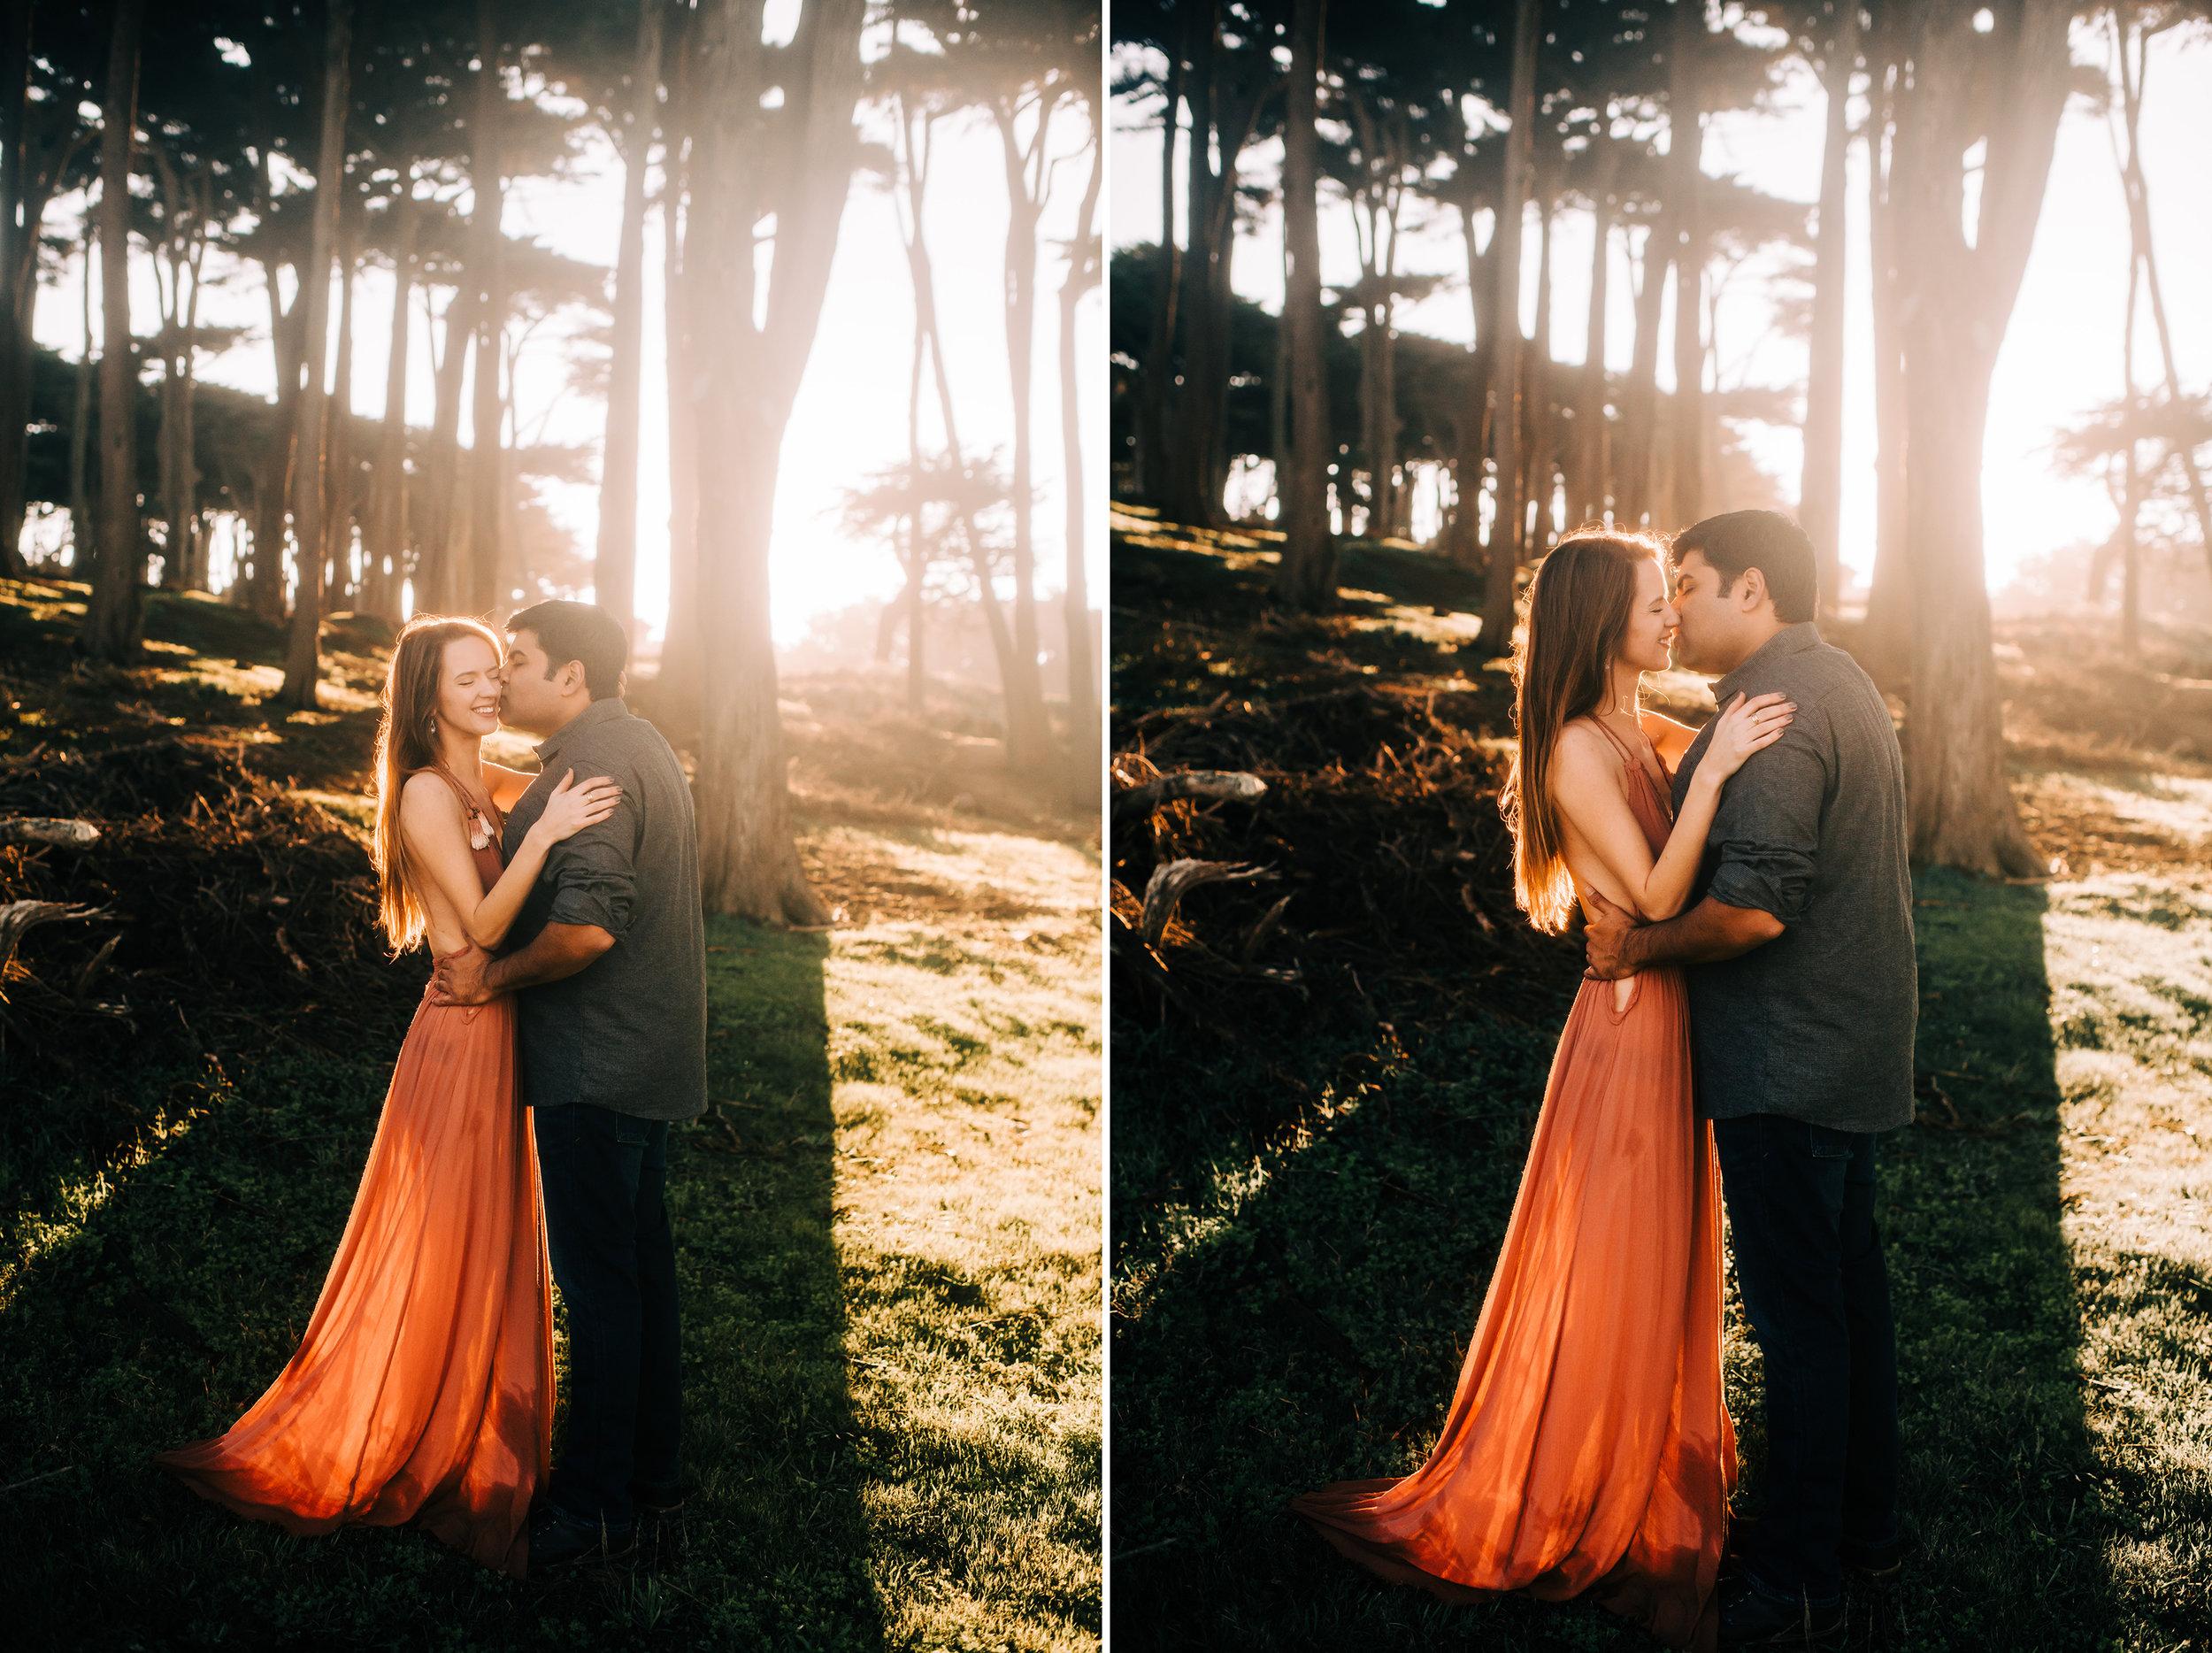 san francisco oakland bay area california sf yosemite sutro baths lands end sf  nontraditional wedding photographer -264.jpg